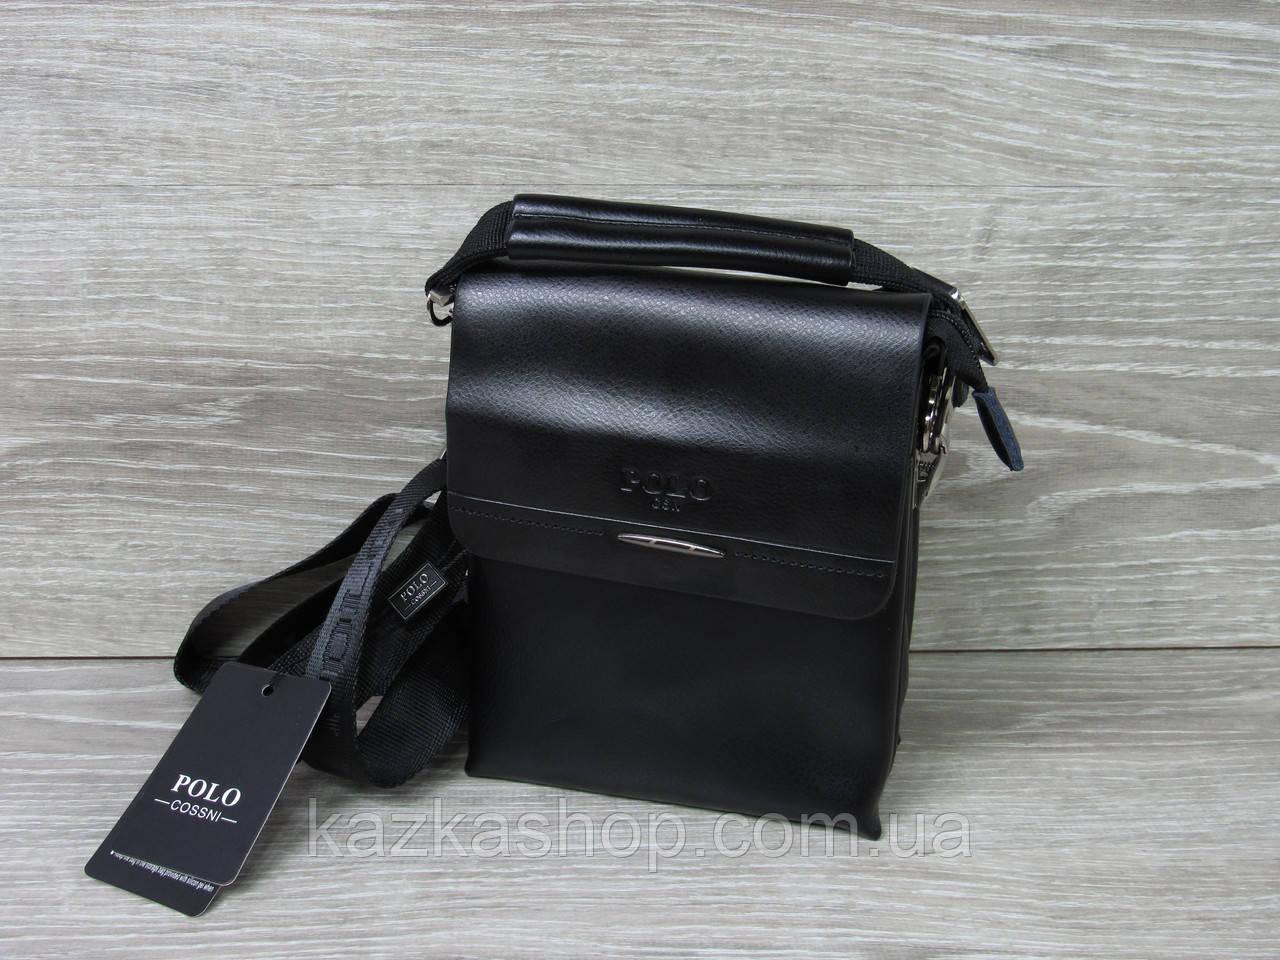 Мужская сумка через плечо черного цвета из искусственной кожи, несколько отделов, с клапаном 15х19 см